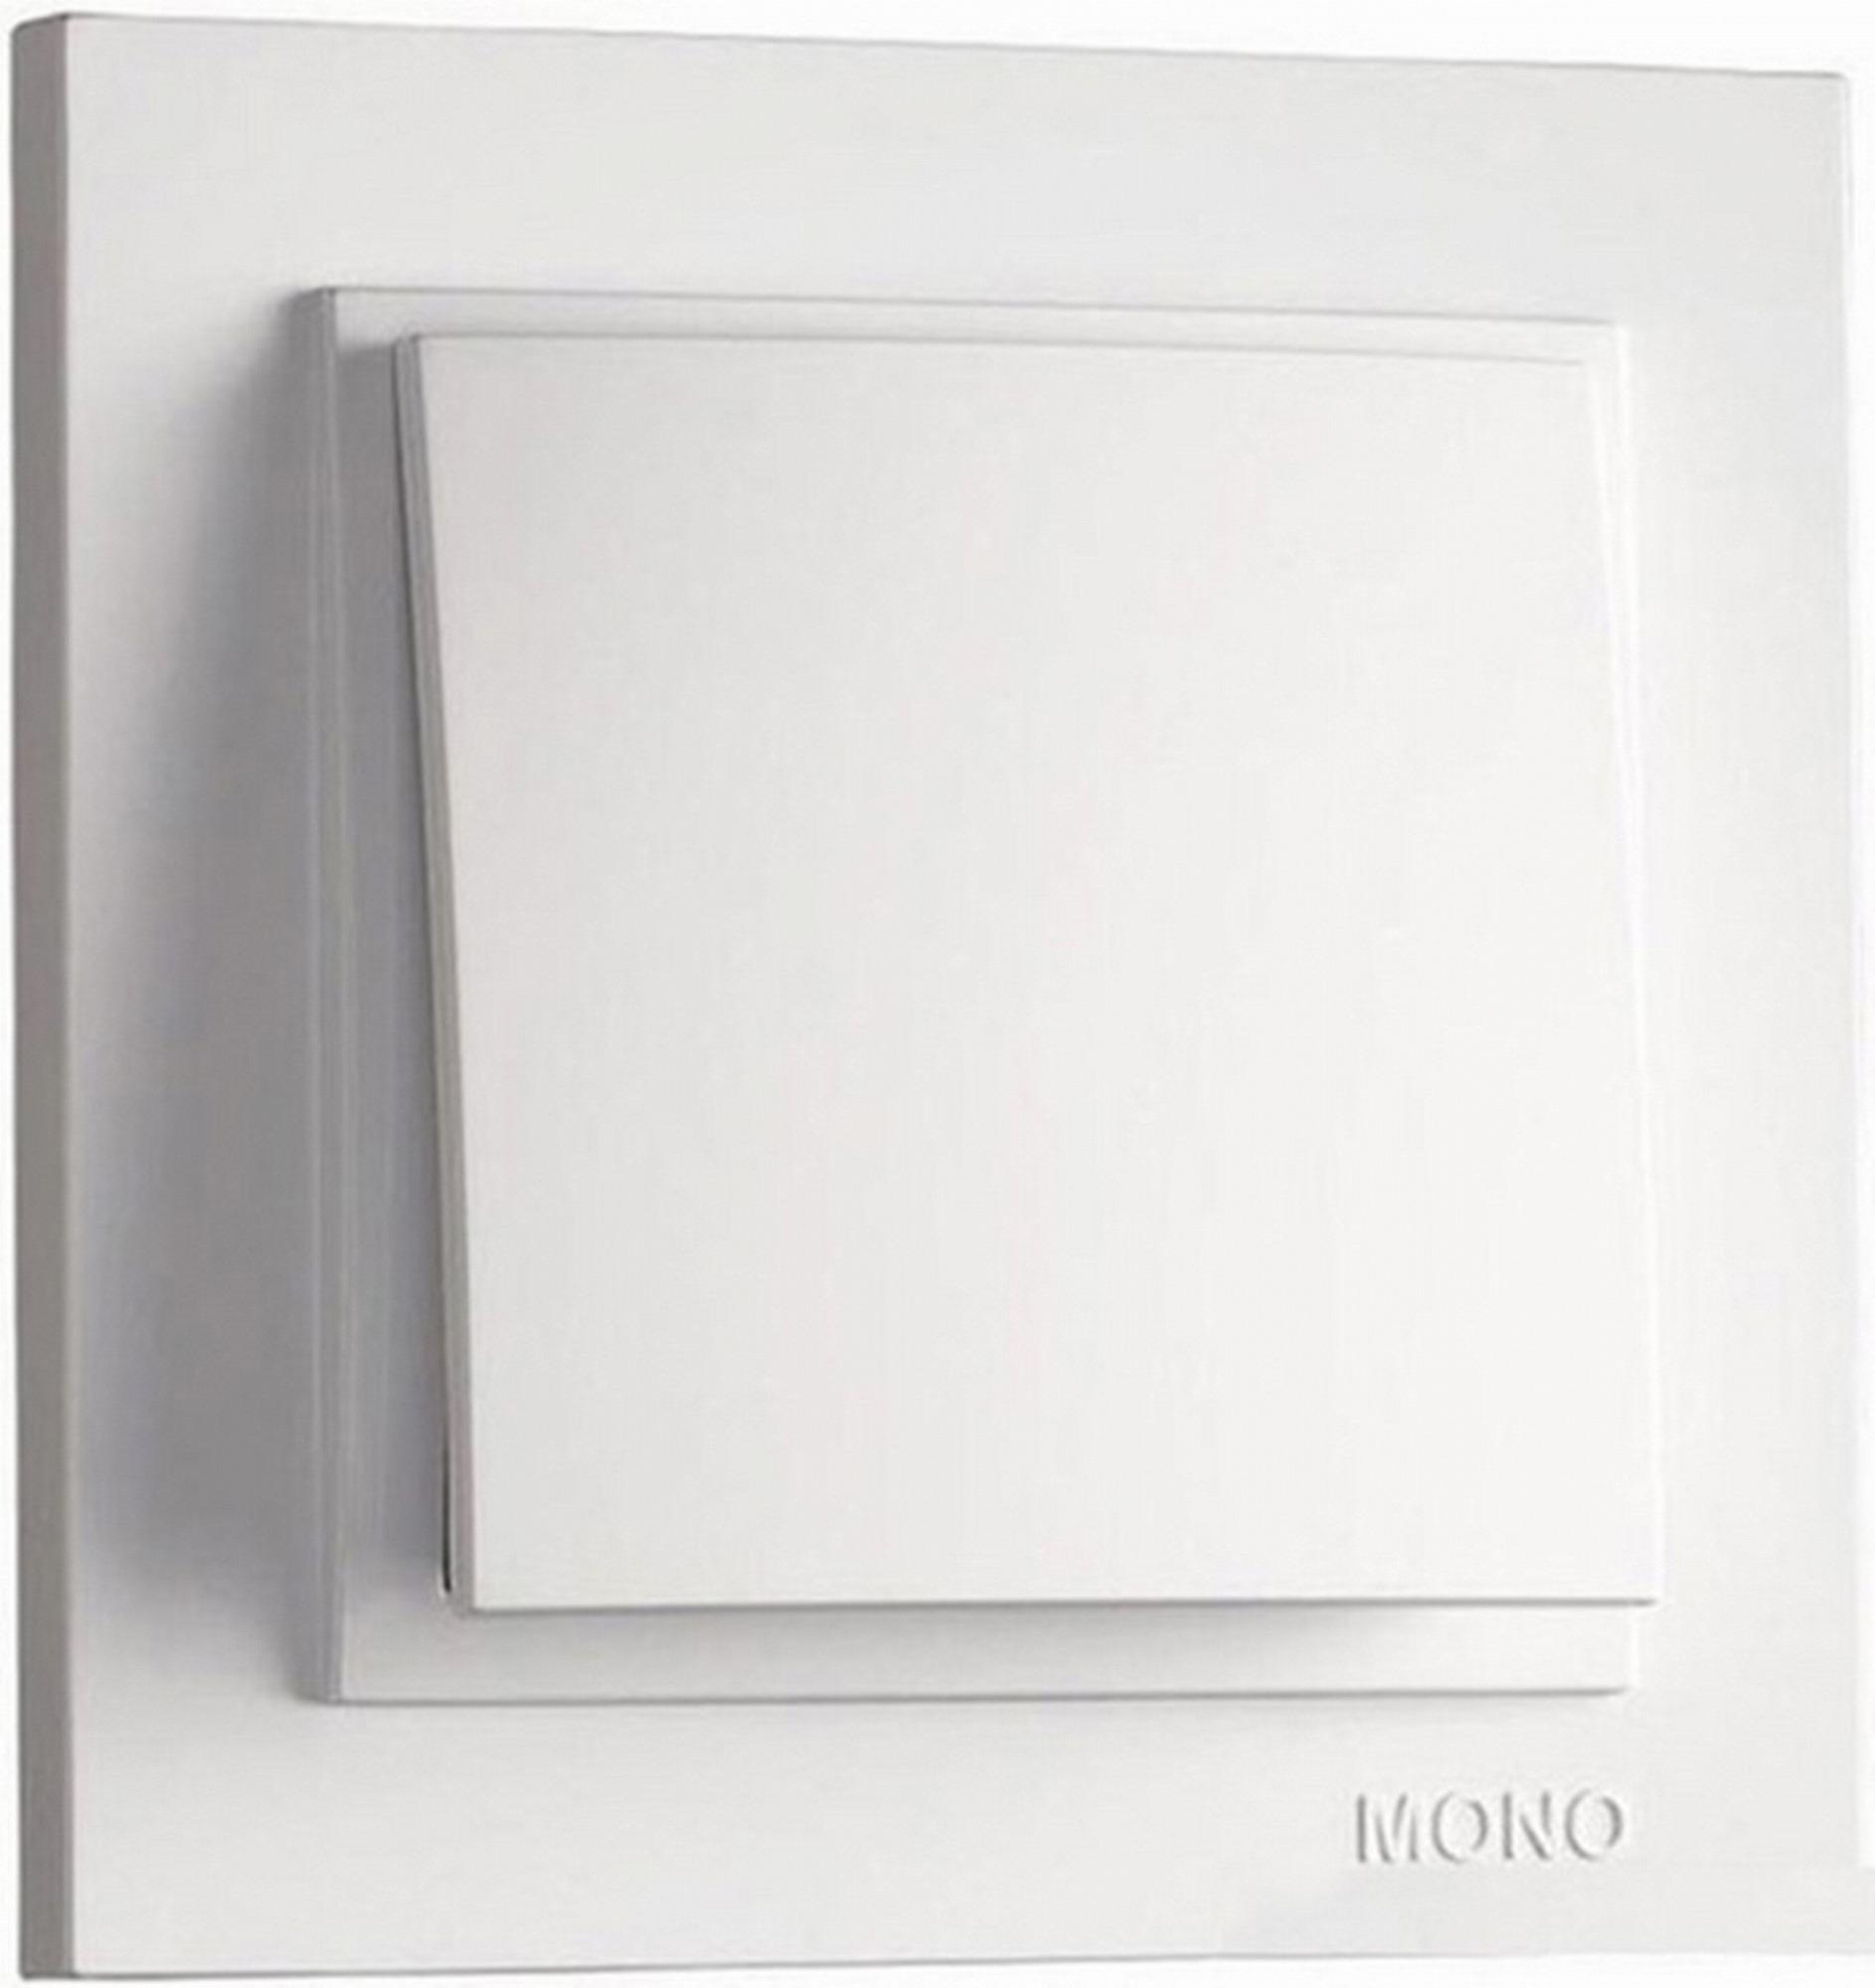 Выключатель Mono Despina 1кл белый 102-190025-100 фото